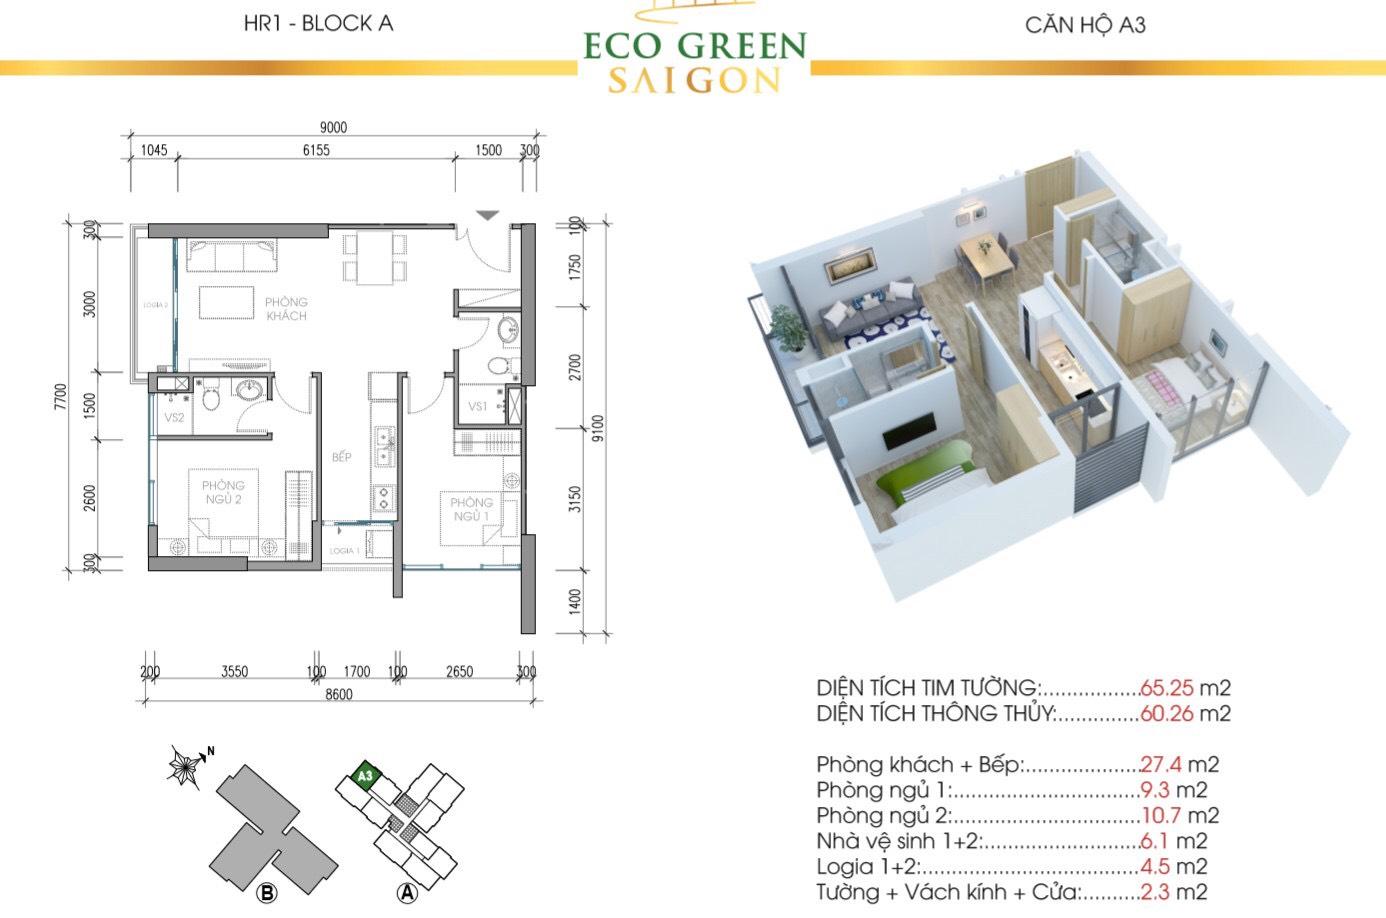 Mẫu thiết kế căn A3 Tòa Hr1 căn hộ Eco Green Saigon